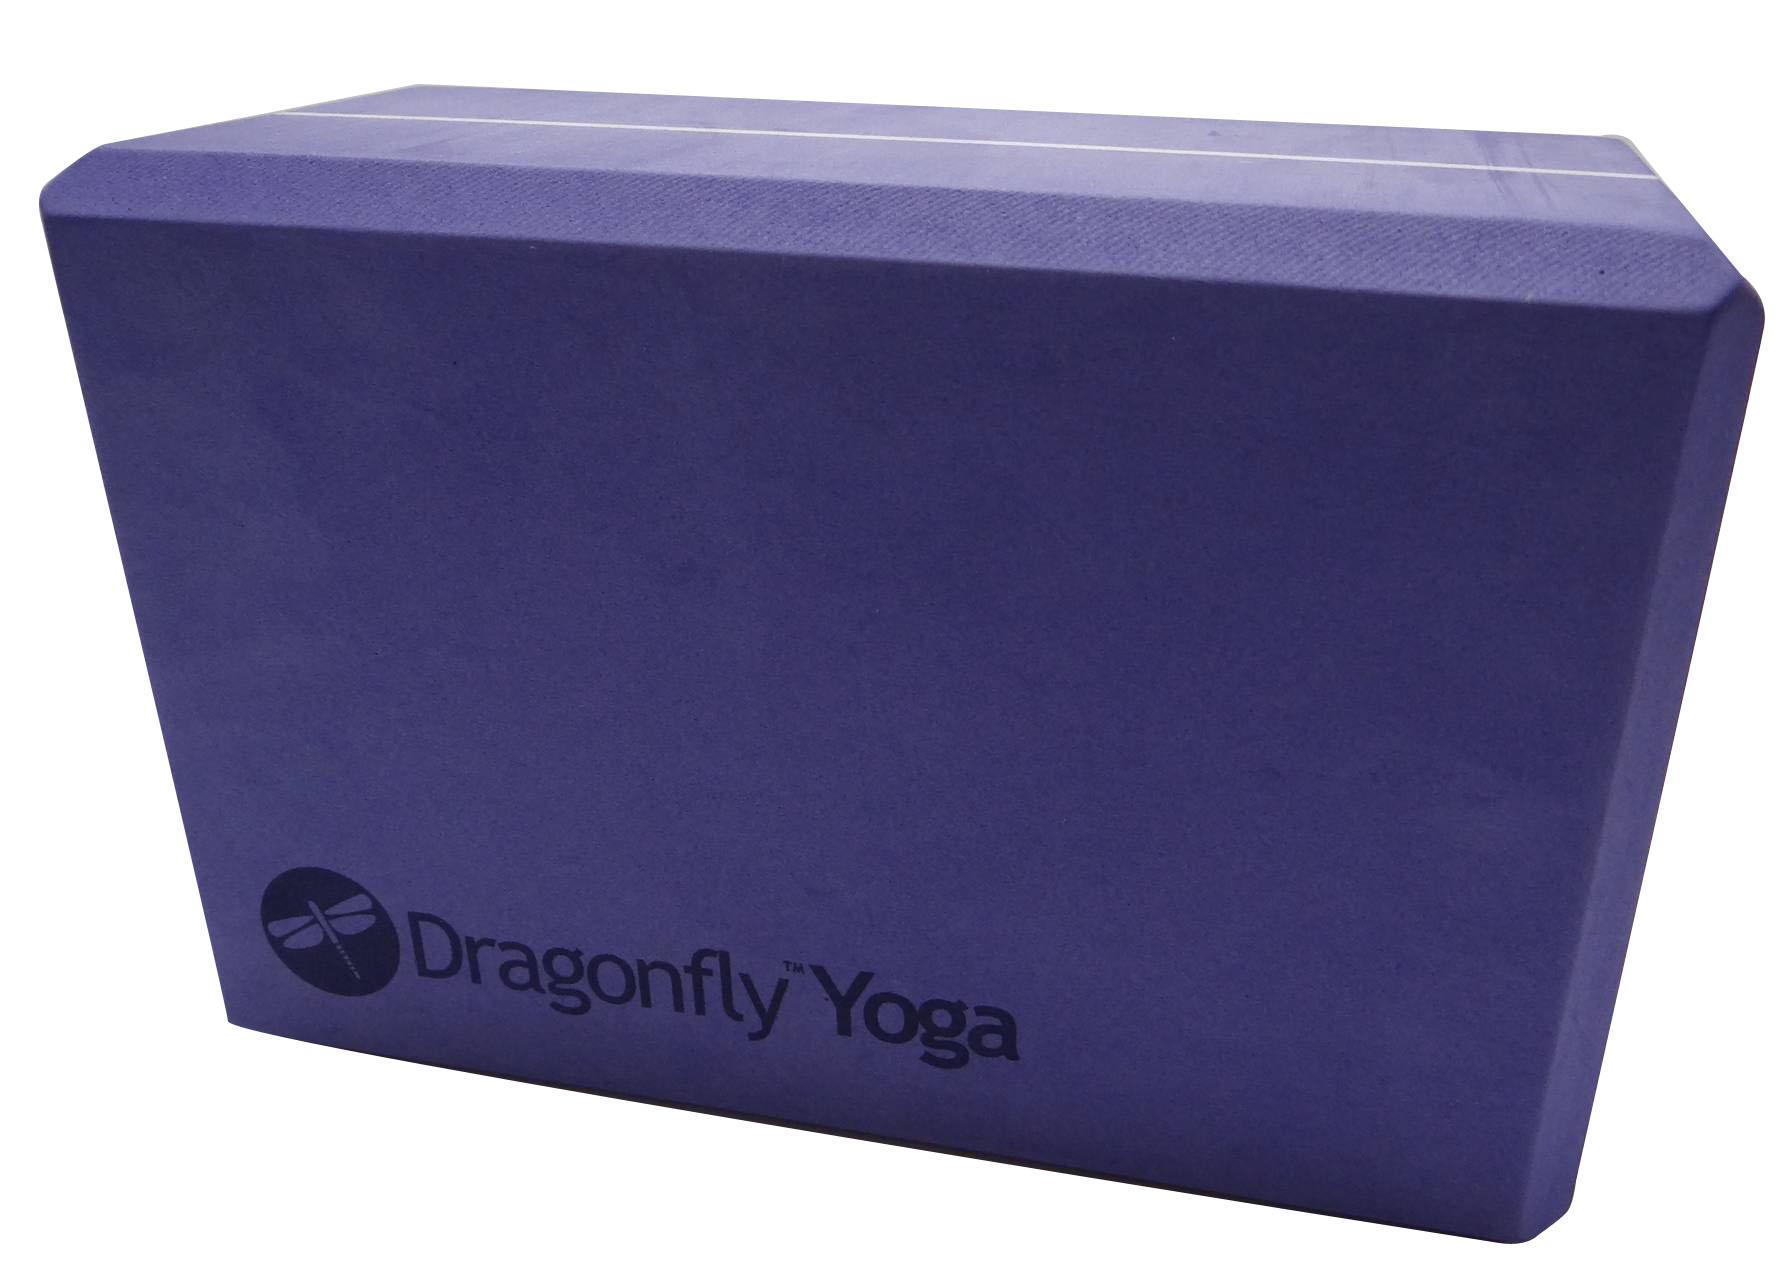 Dragonfly 4″ Premium Foam Yoga Block by Dragonfly